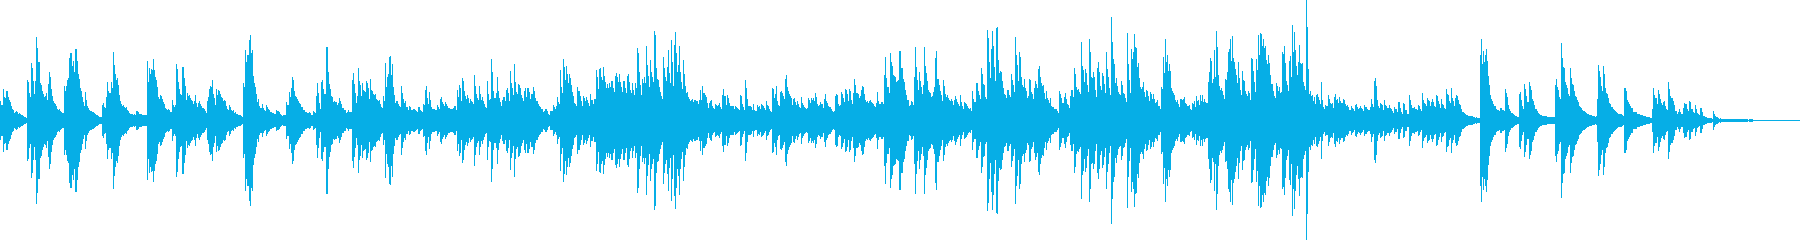 爽やかな風(ピアノソロ・優しい・安心感)の再生済みの波形